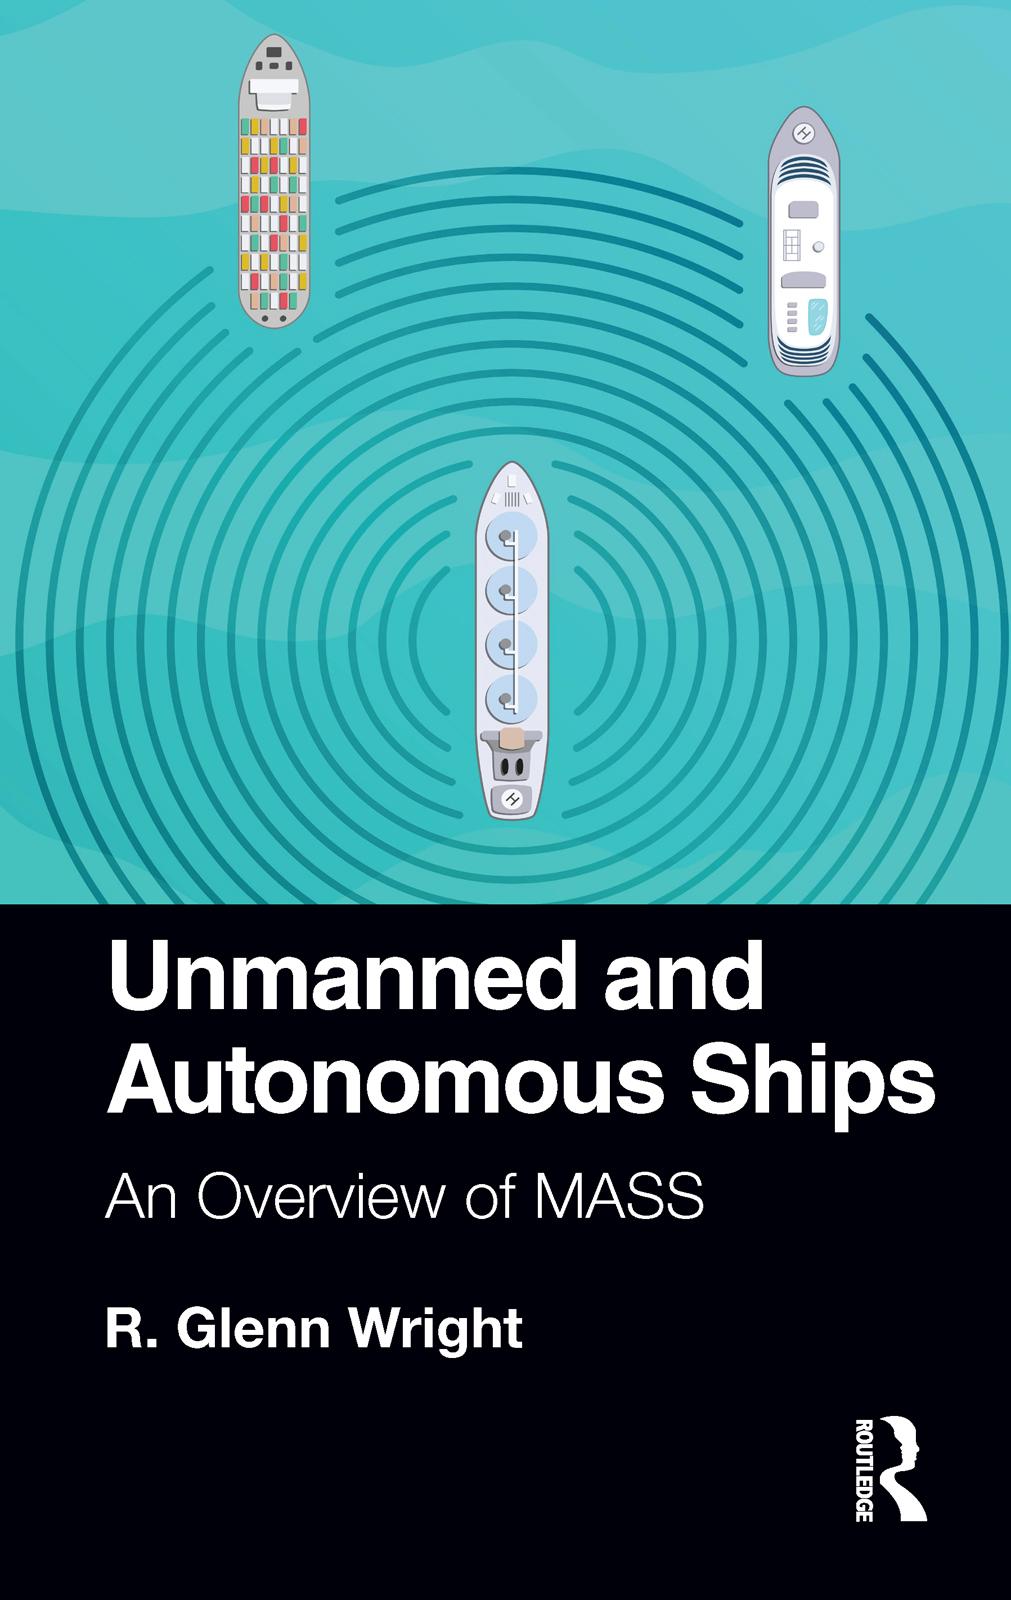 Unmanned and Autonomous Ships